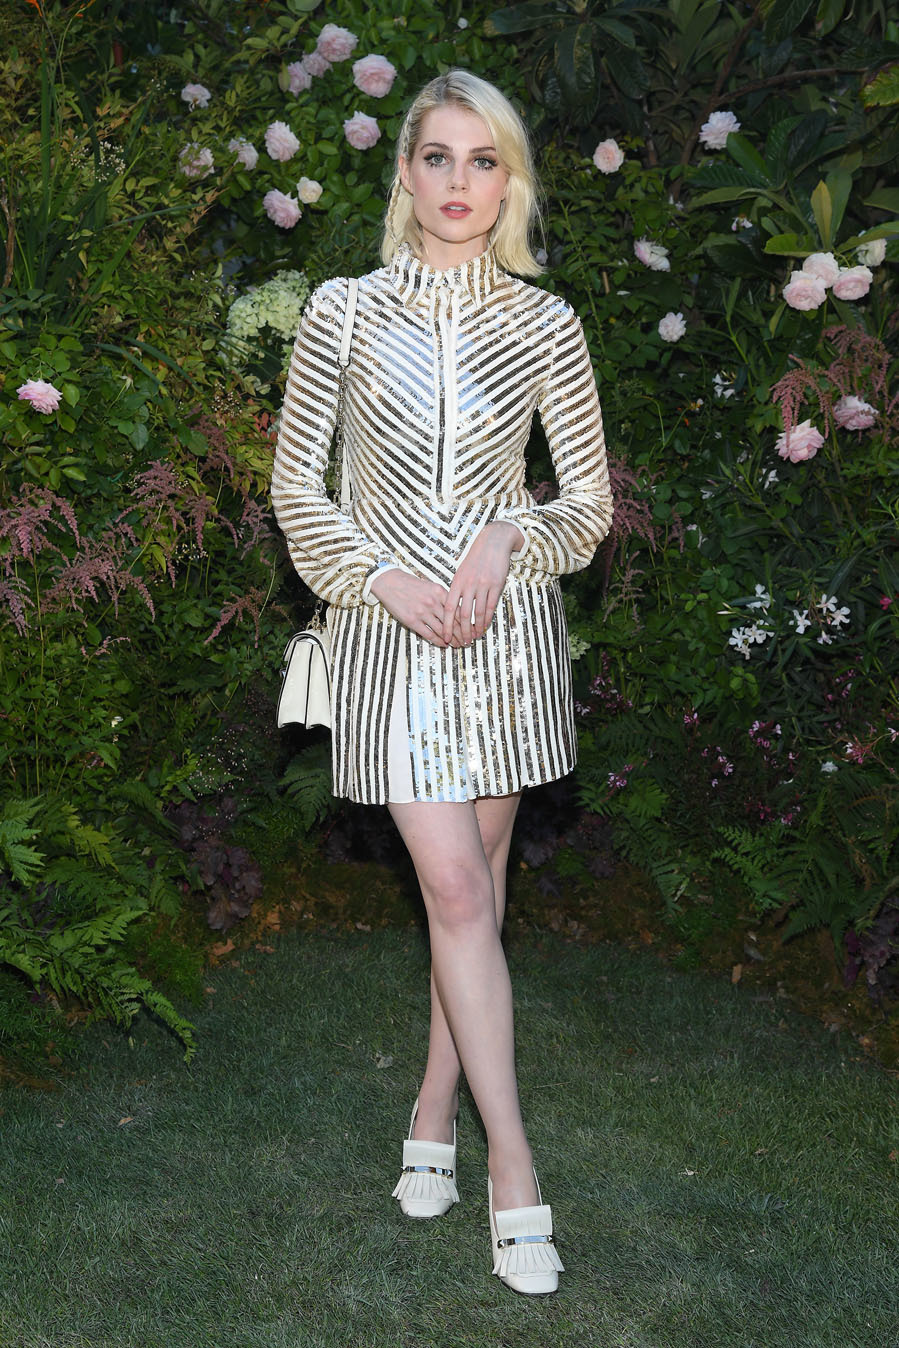 Apasionada de la moda - El estilo de Lucy Boynton